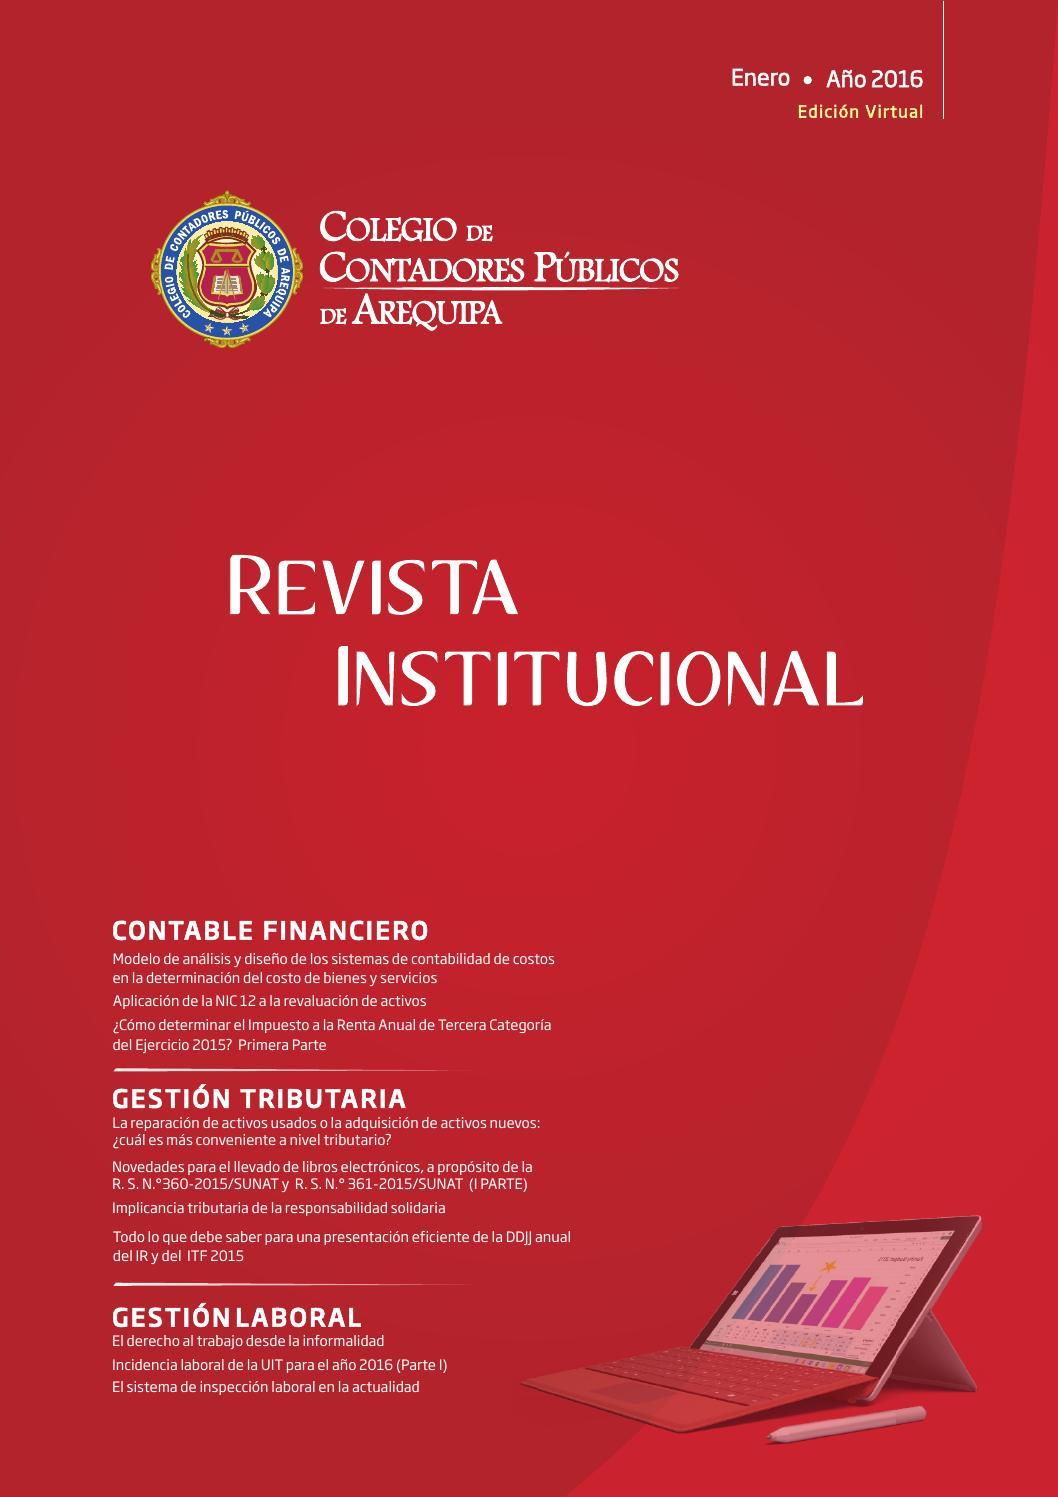 Revista Institucional - Enero 2016, edición virtual by Colegio de ...